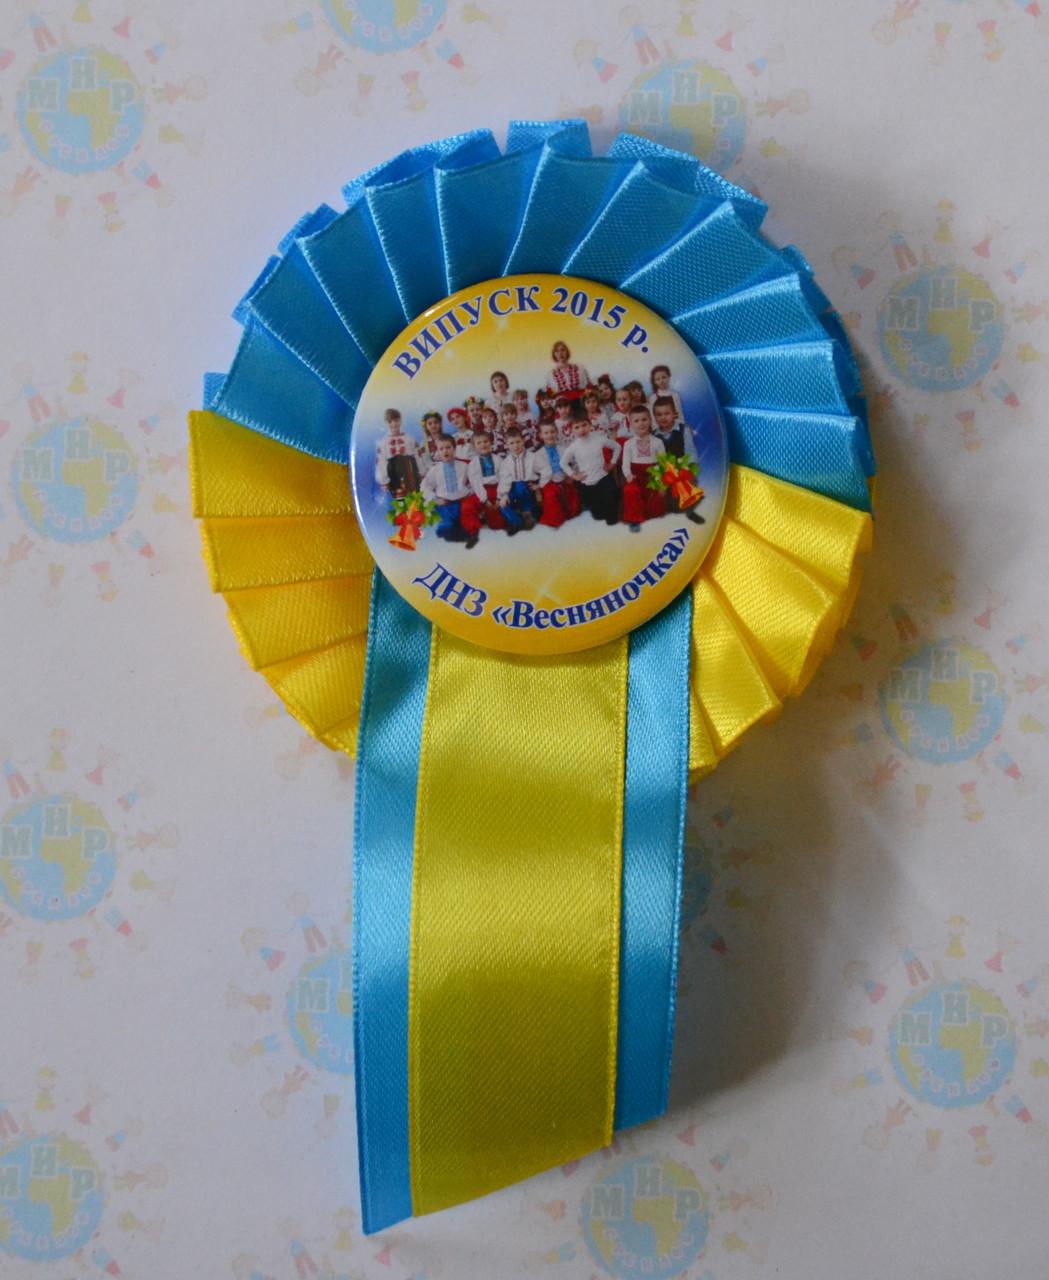 Значок с общей фотографией выпускников и розеткой.